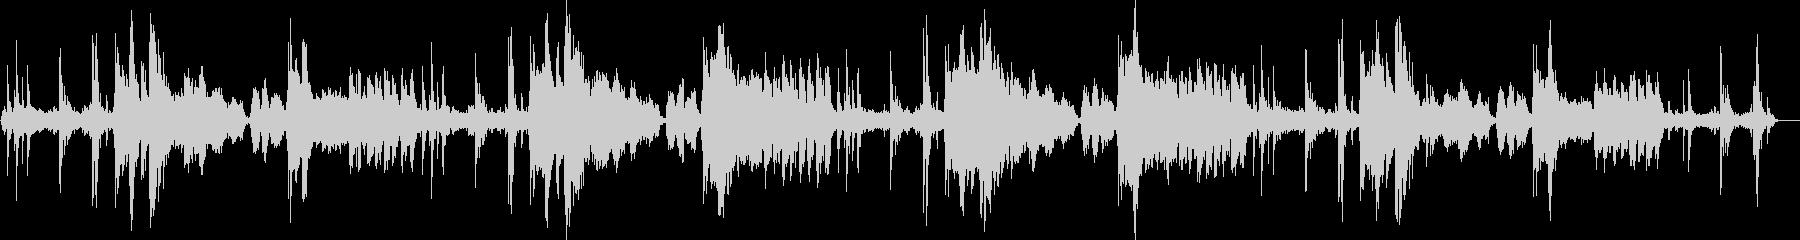 繊細な響きのあるピアノメロディーの未再生の波形